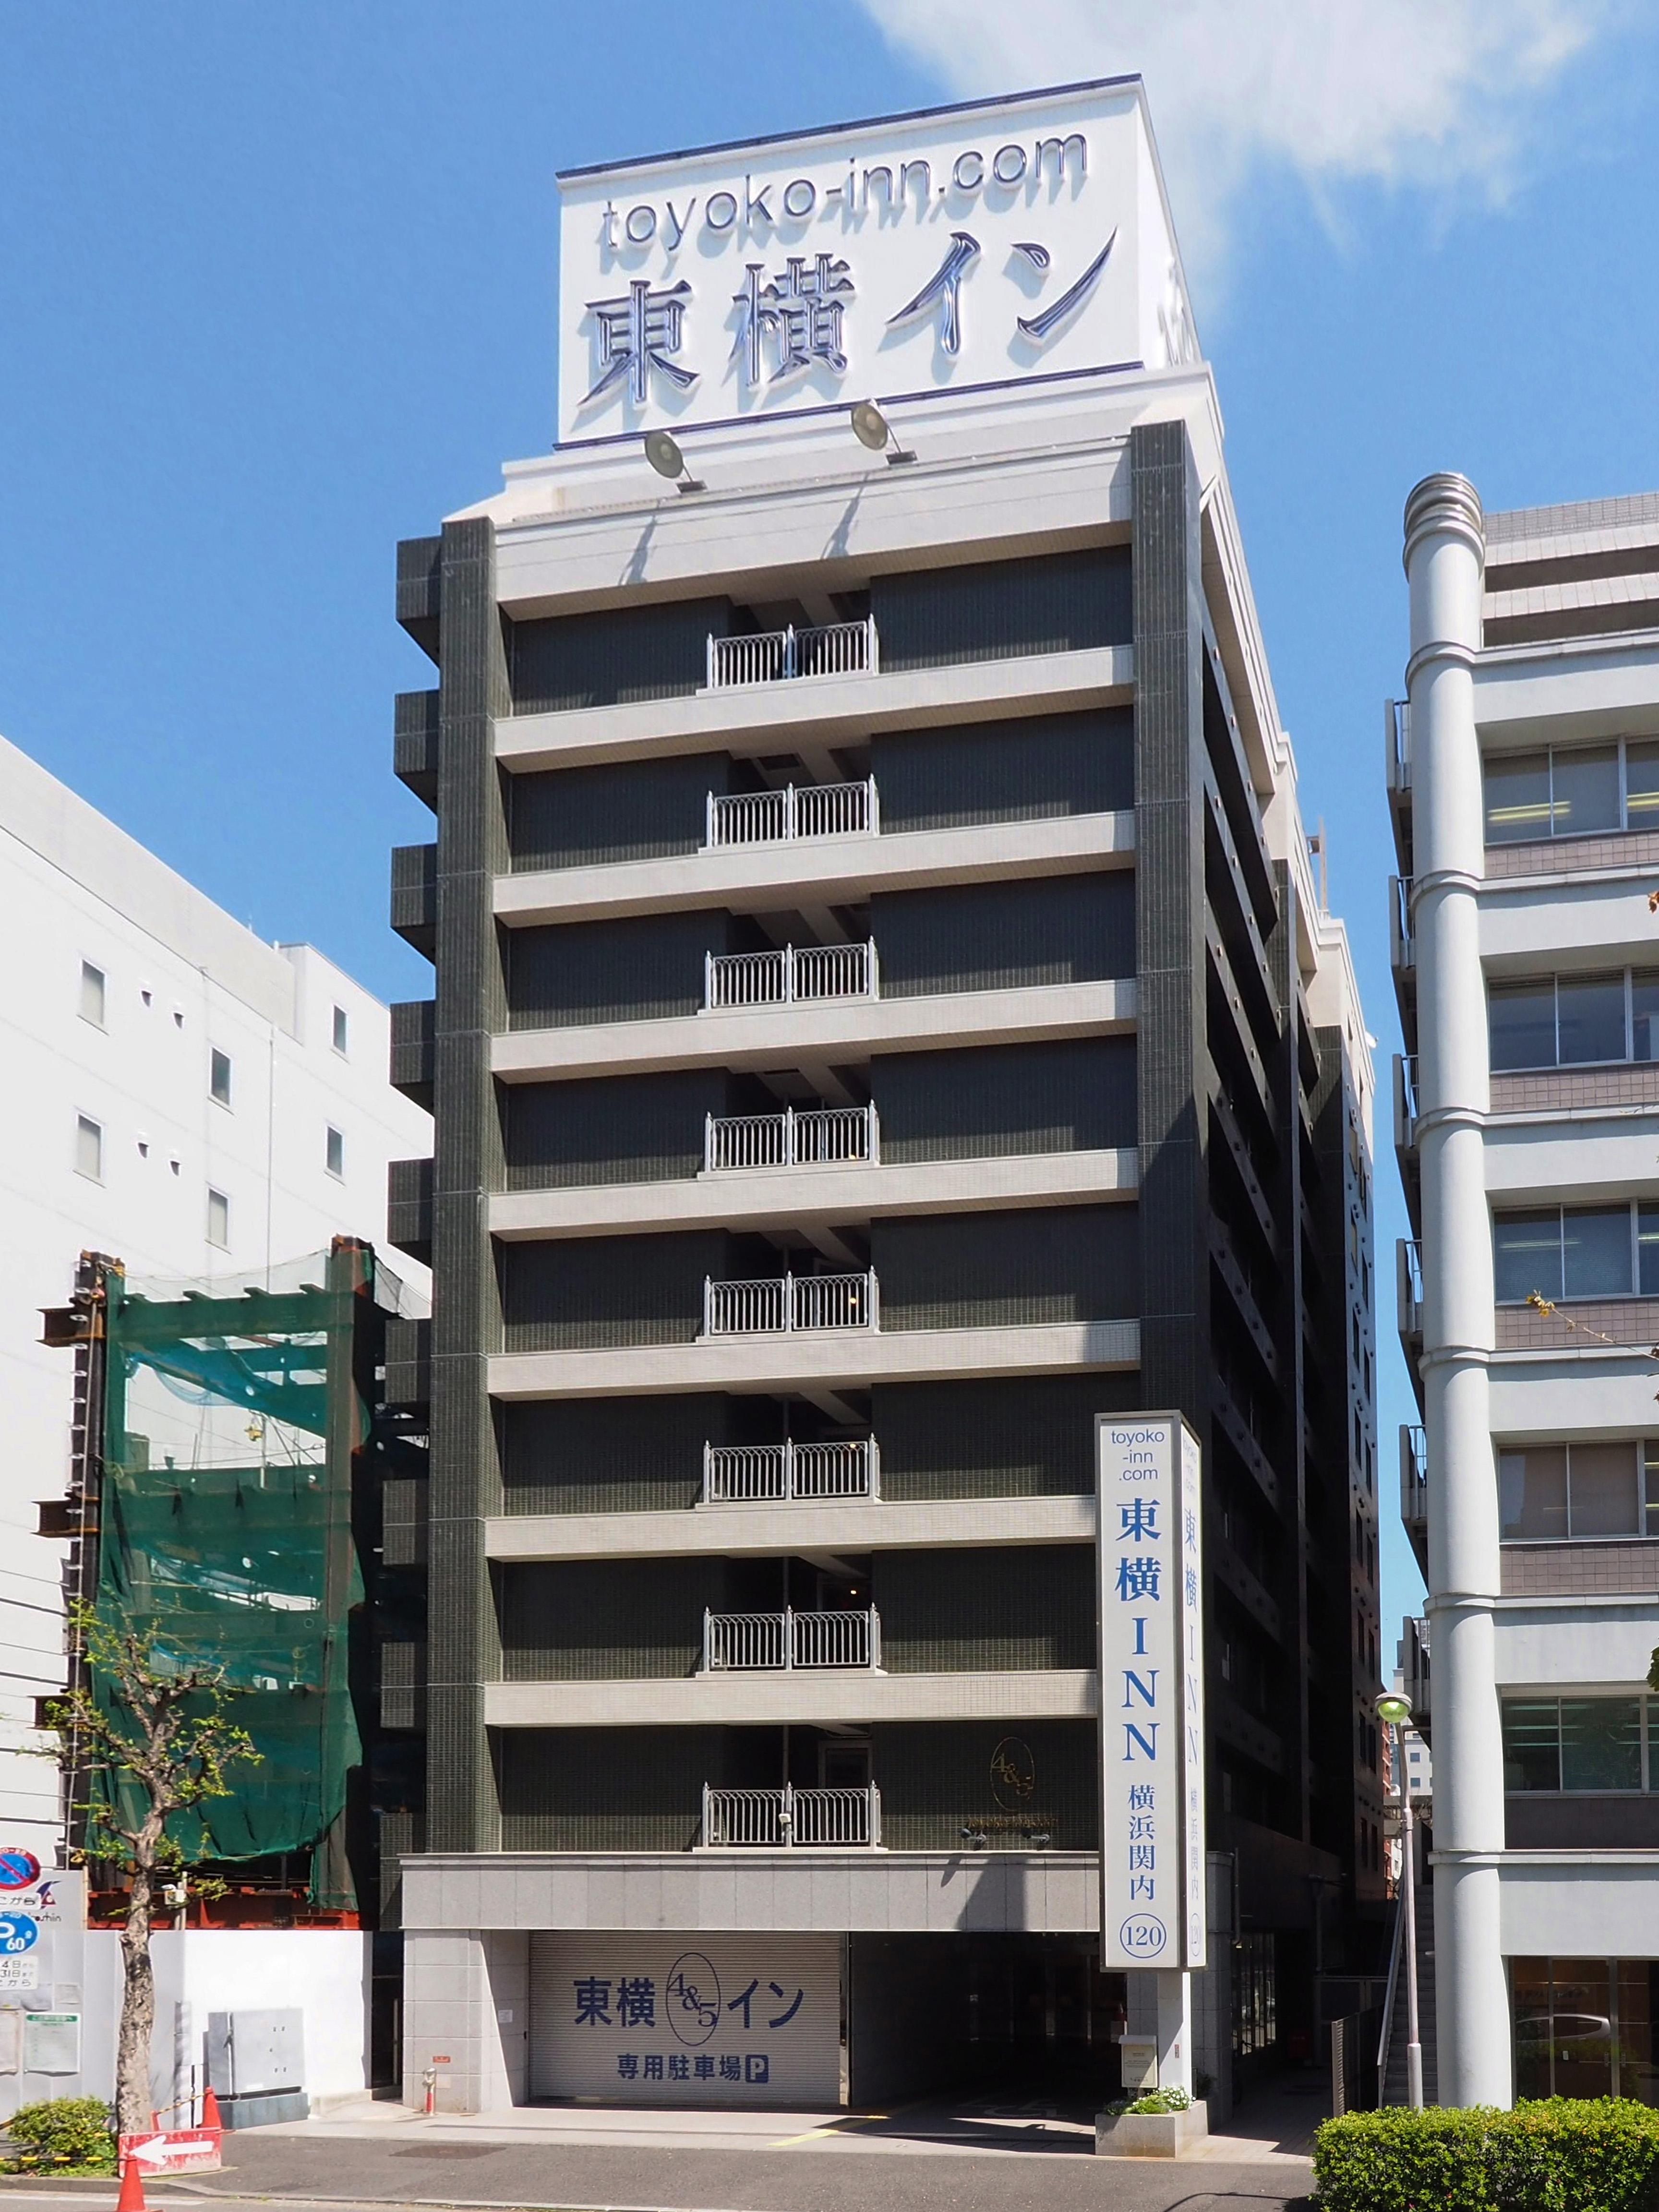 東横イン 横浜みなとみらい線 日本大通り駅前◆楽天トラベル